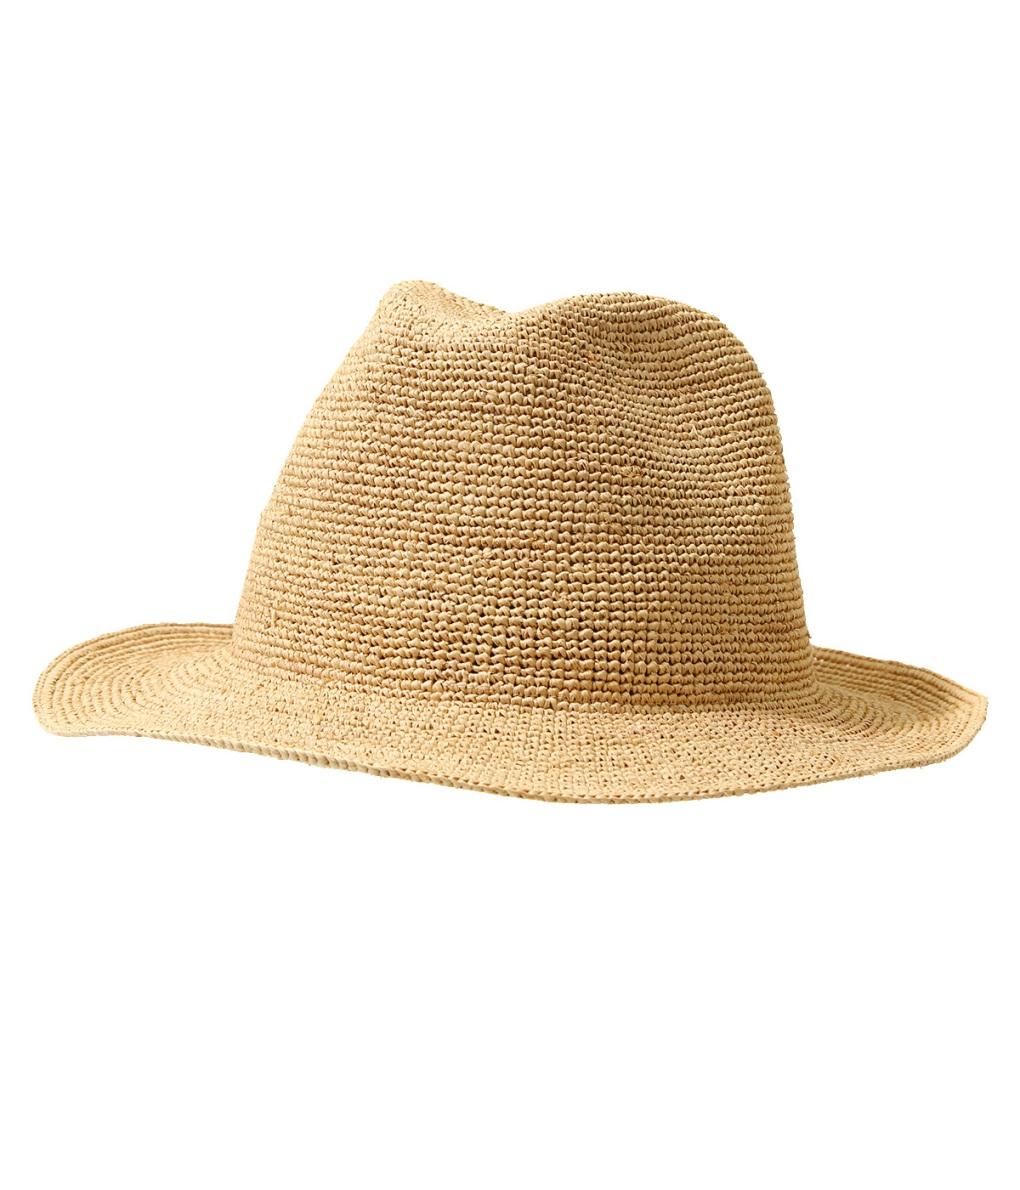 KIJIMA TAKAYUKI / キジマ タカユキ : RAFFIA HAT : キジマタカユキ 帽子 ナイロン ラフィア ハット メンズ : 191331 【RIP】